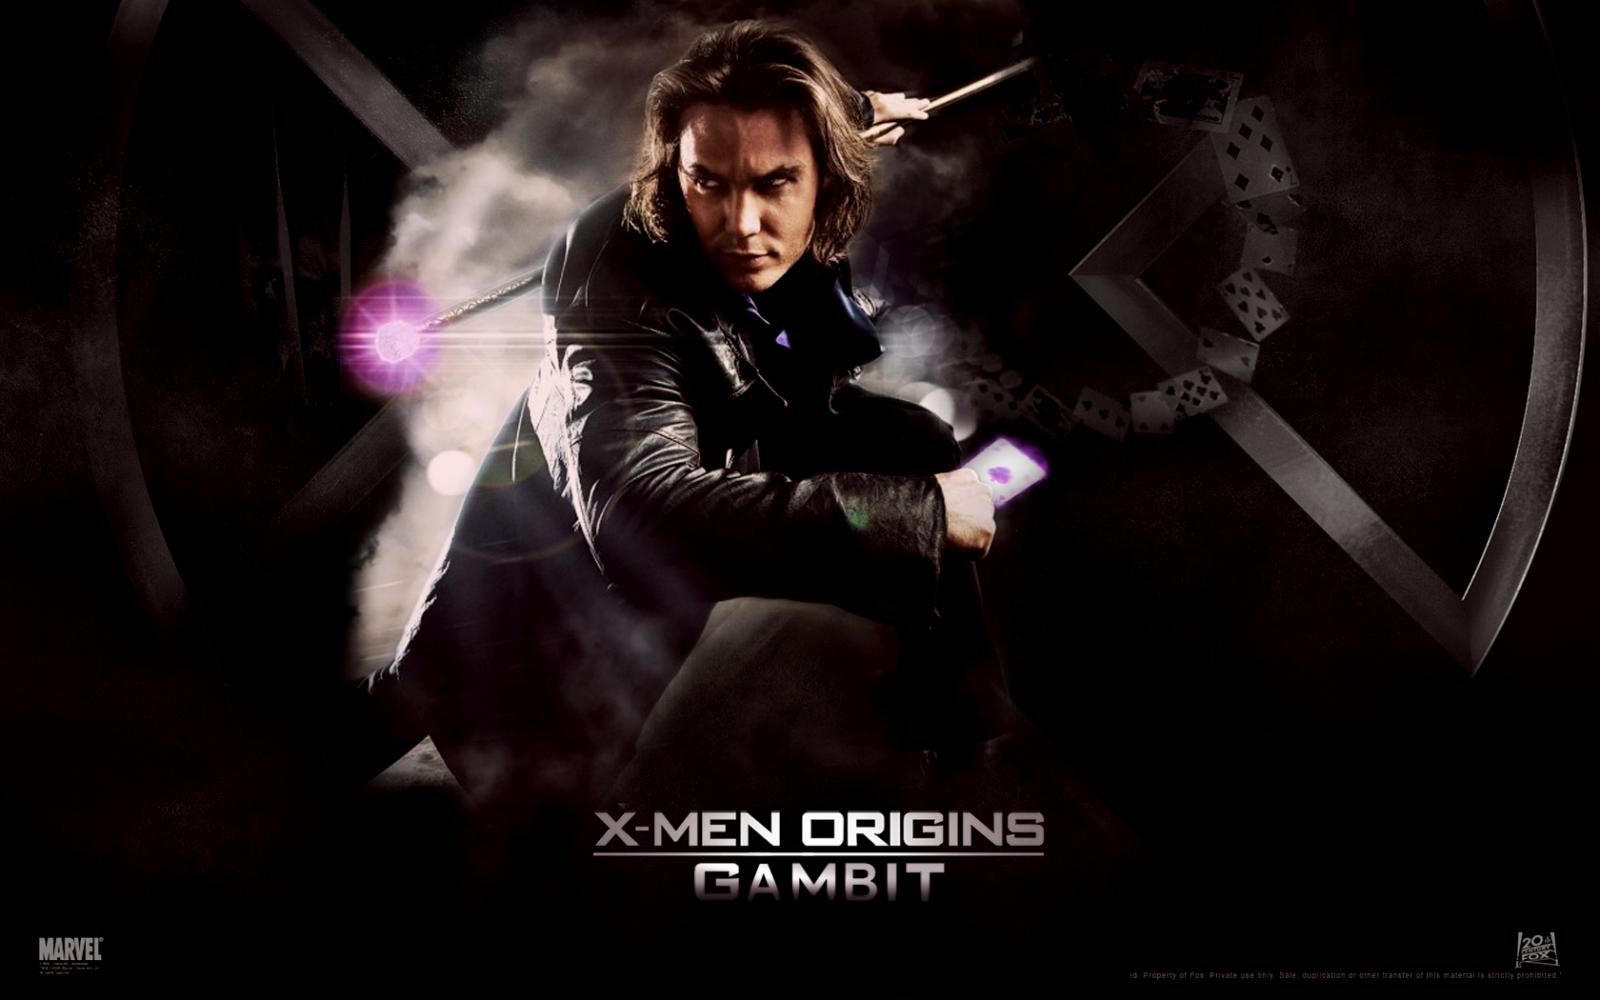 movies, X Men Origins: Wolverine, Wolverine, Sabretooth, Gambit ...